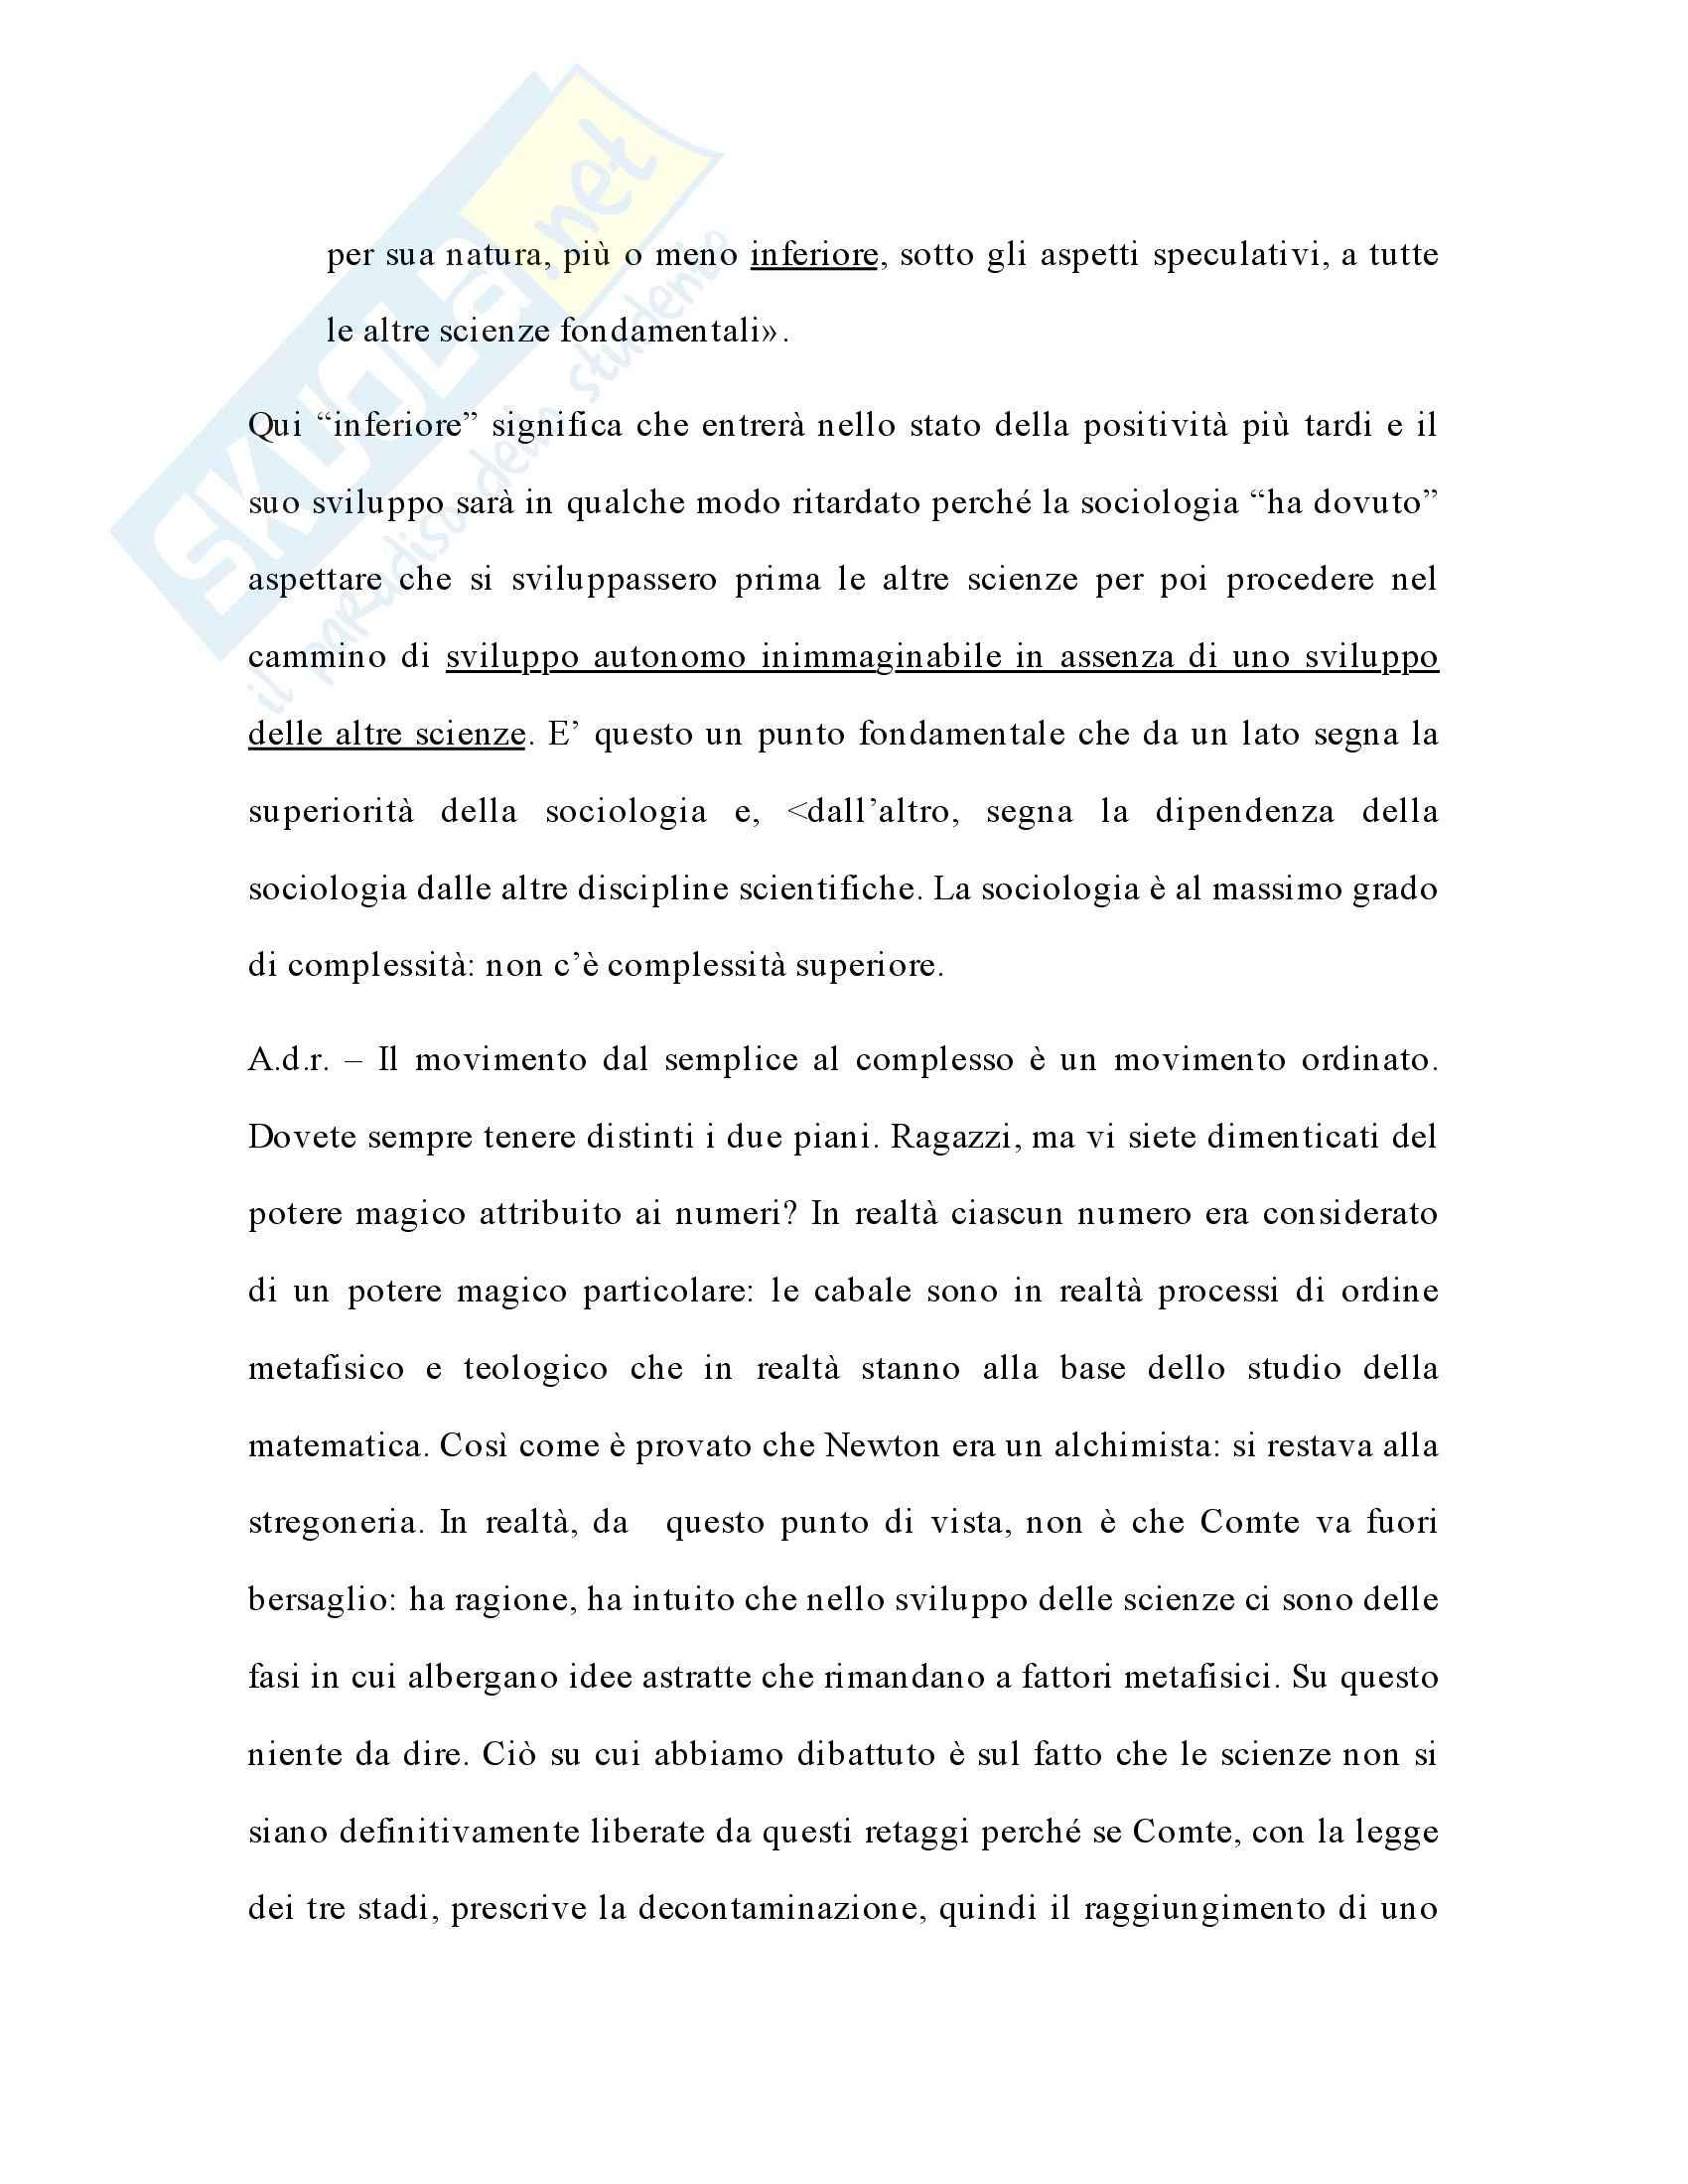 Metodologia delle scienze sociali - Appunti Pag. 56